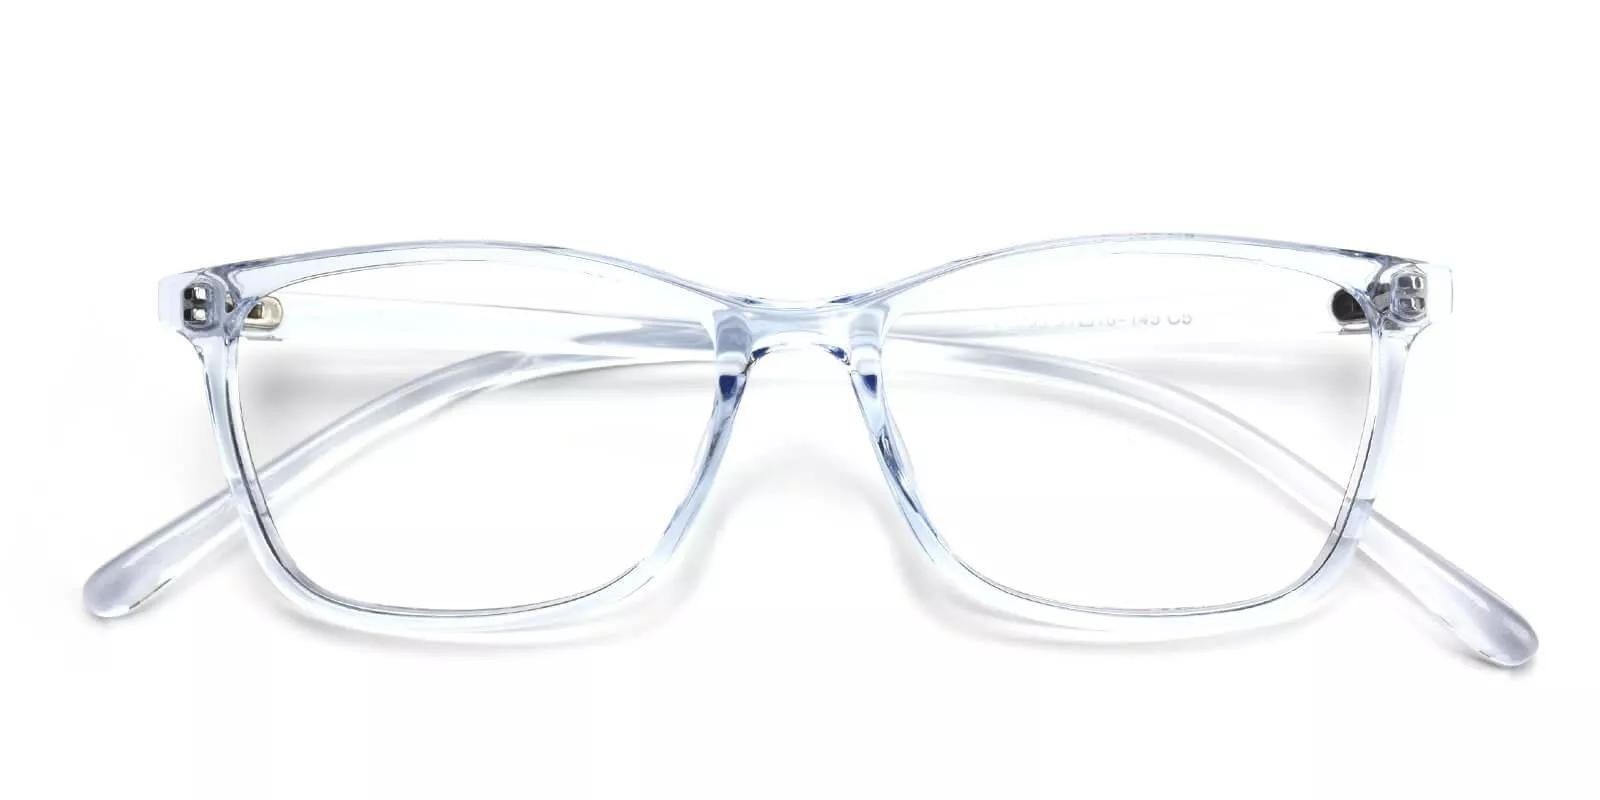 Davenport Light Weight Eyeglasses Blue Clear